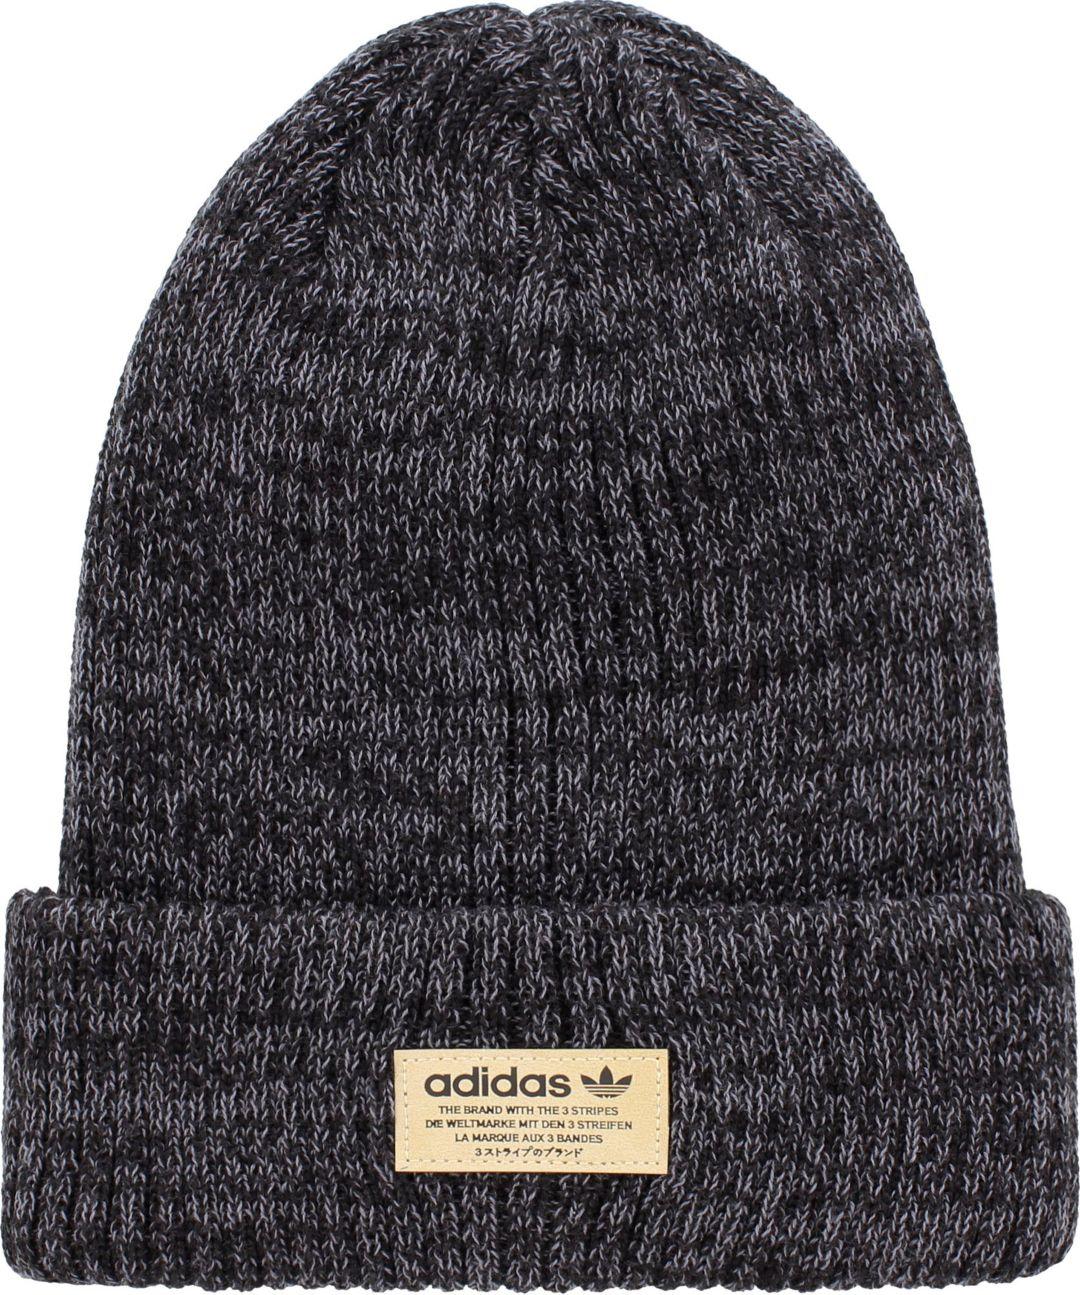 0c8dc3ce adidas Originals NMD Knit Beanie. noImageFound. Previous